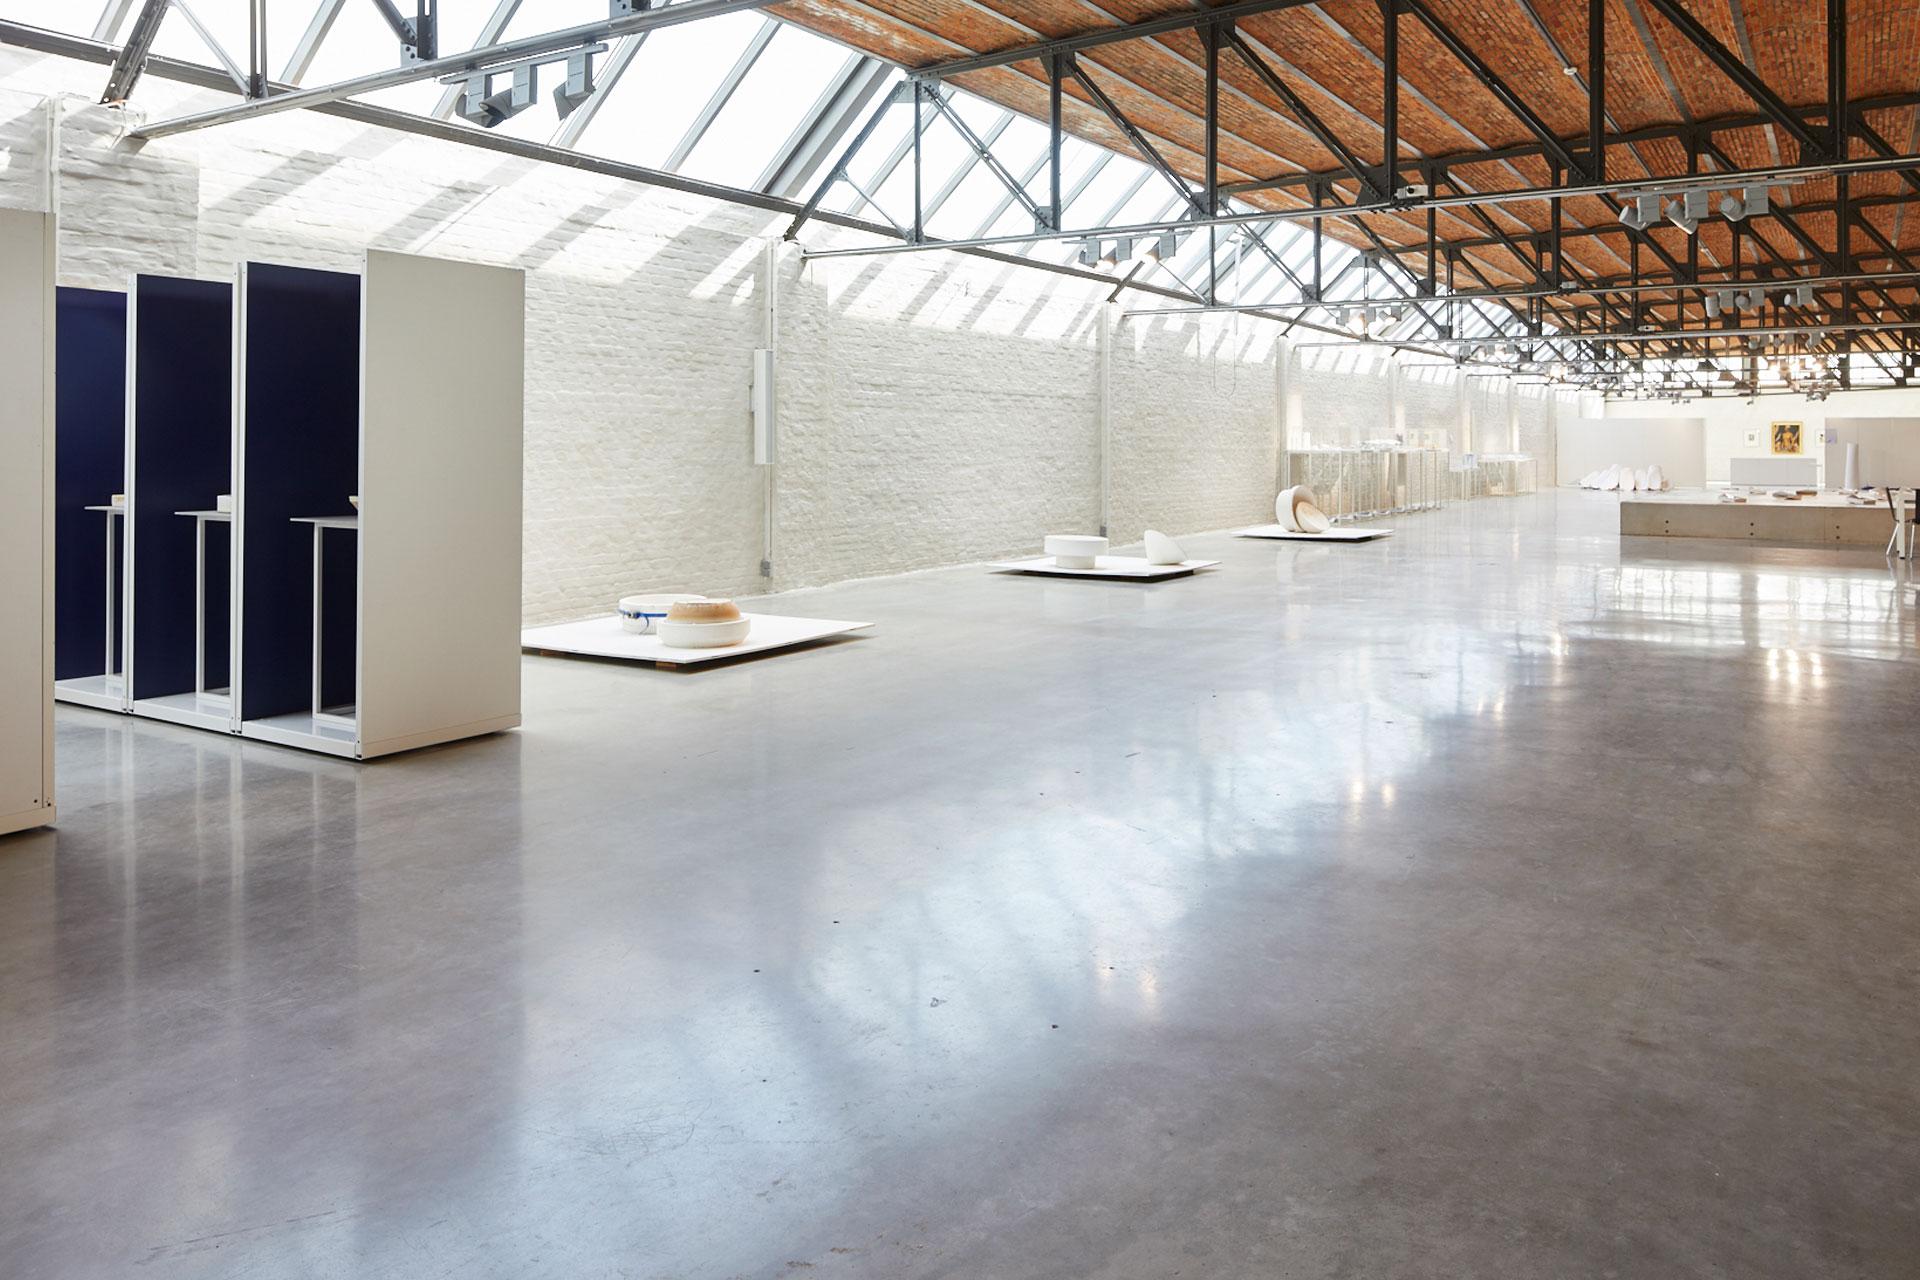 studio stockmans gepolierde betonvloeren